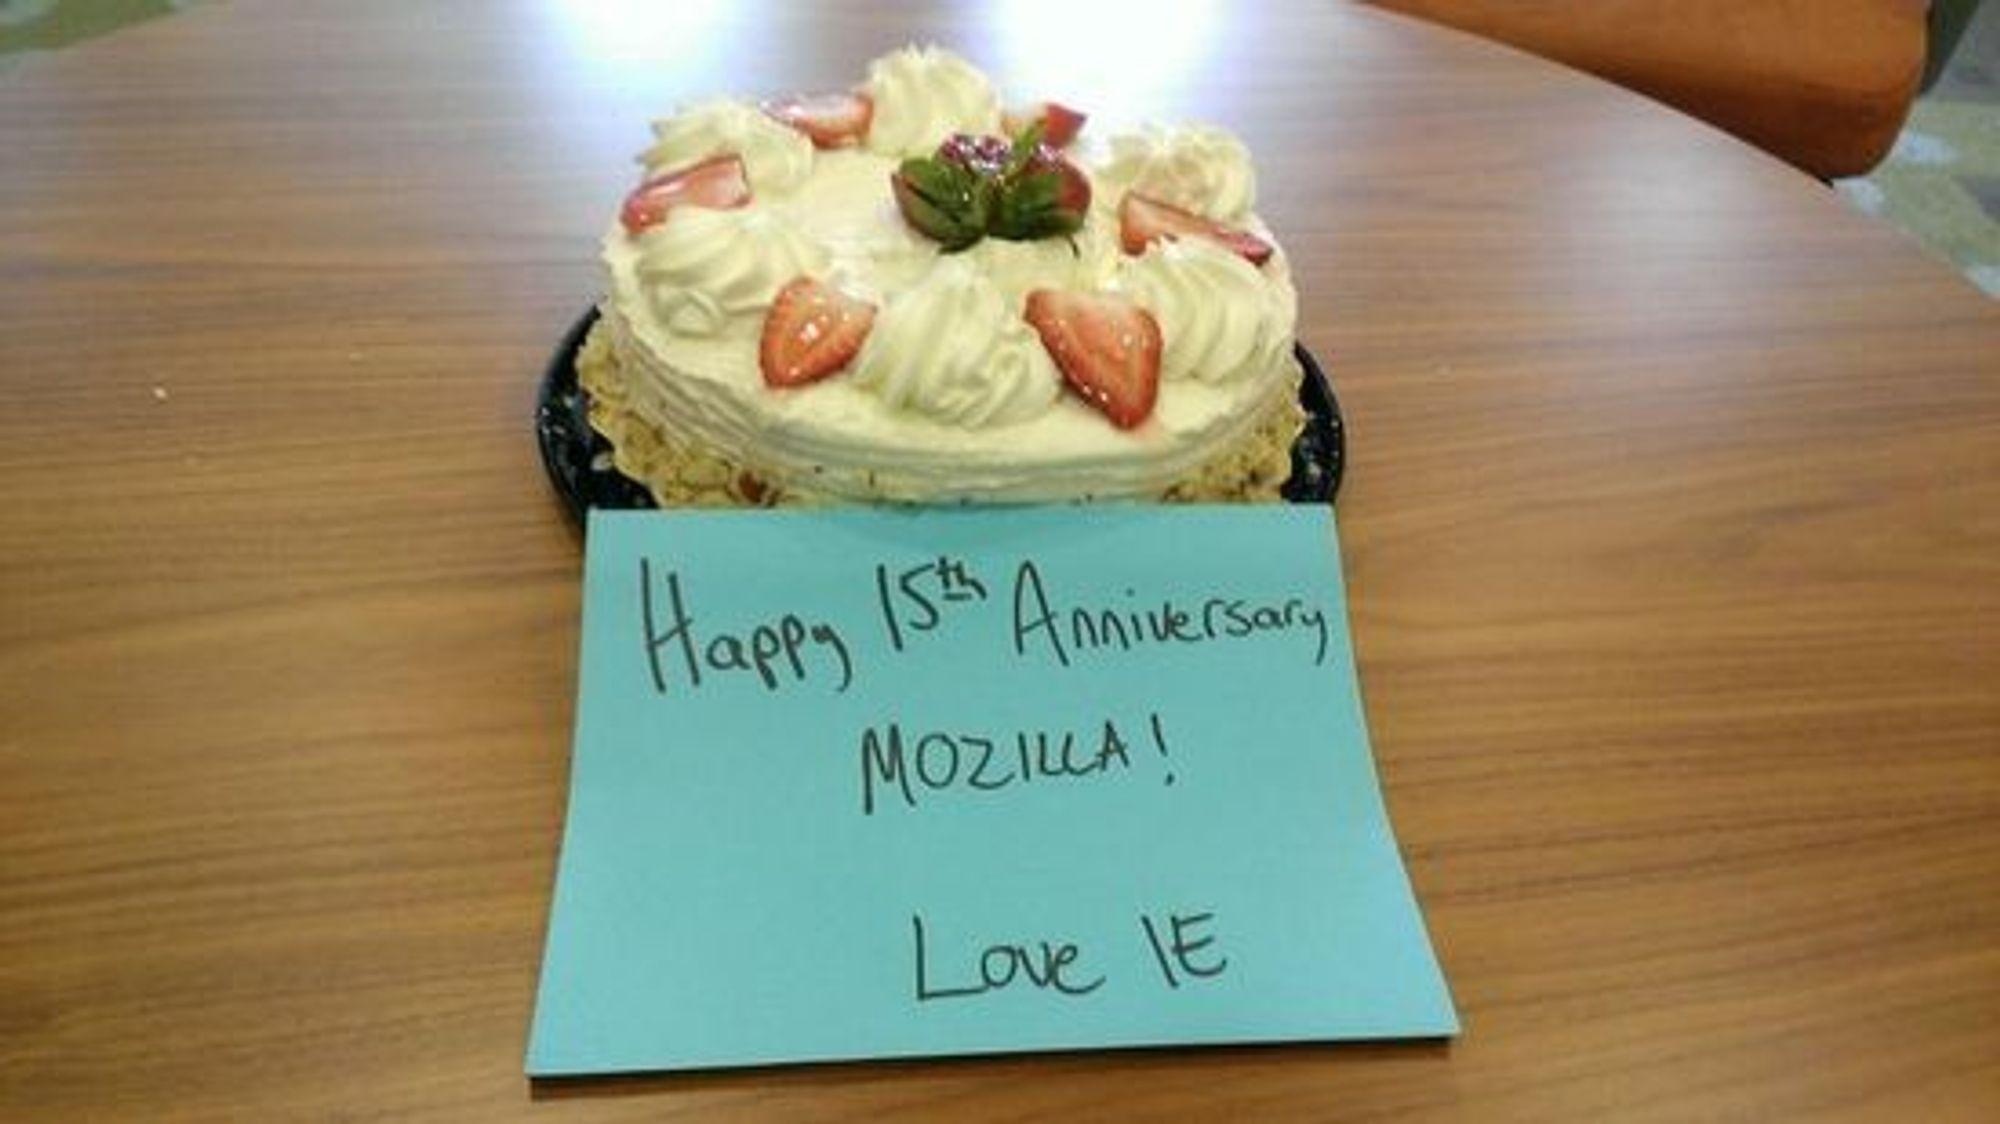 Mozilla fylte forøvrig 15 år sist søndag og har nå fått kake fra Microsofts IE-team. De to utviklergruppene har også tidligere sendt hverandre kake ved større begivenheter.